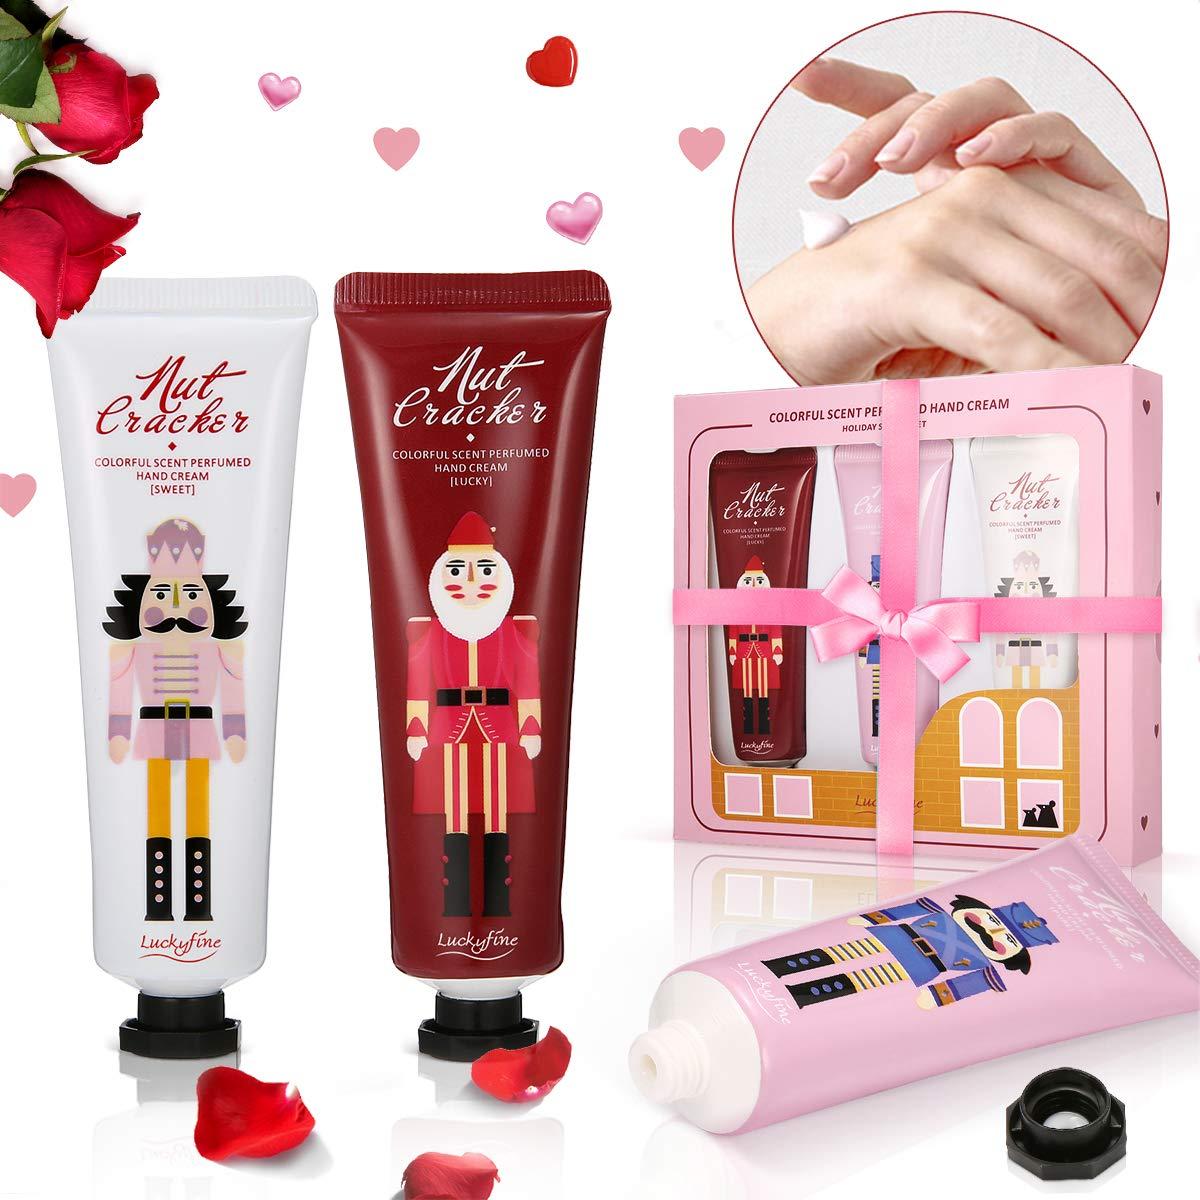 Handcremes, Luckyfine parfümierte Hand Cream feuchtigkeitsspendend